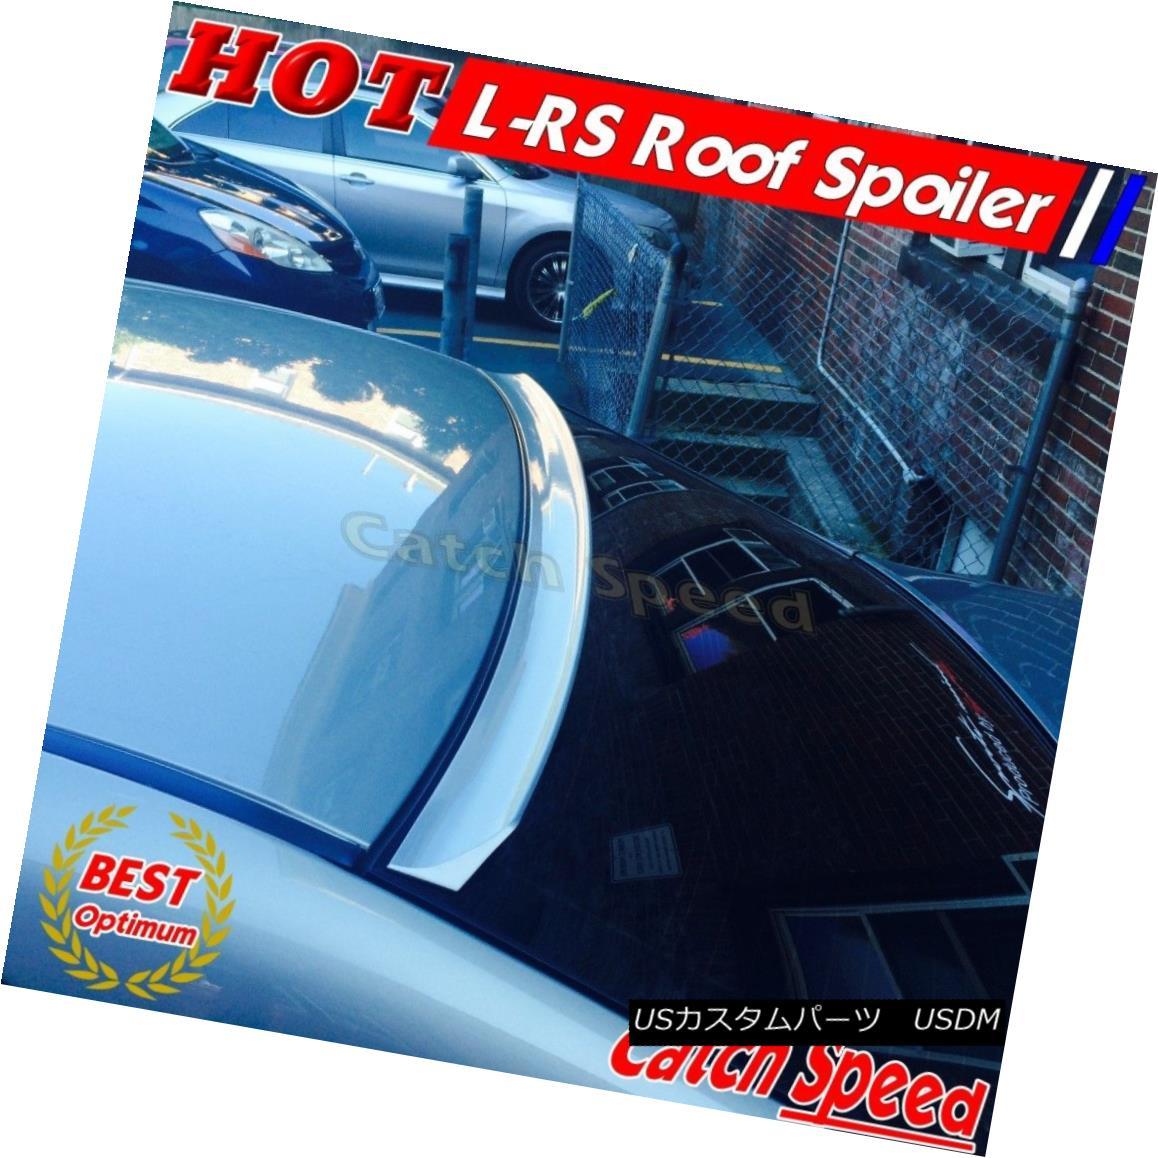 エアロパーツ Painted LRS Rear Window Roof Visor Spoiler For 5-series BMW F10 Sedan 2010~15 ? ペイントされたLRSリアウィンドウルーフバイザースポイラー5シリーズBMW F10セダン2010?15?